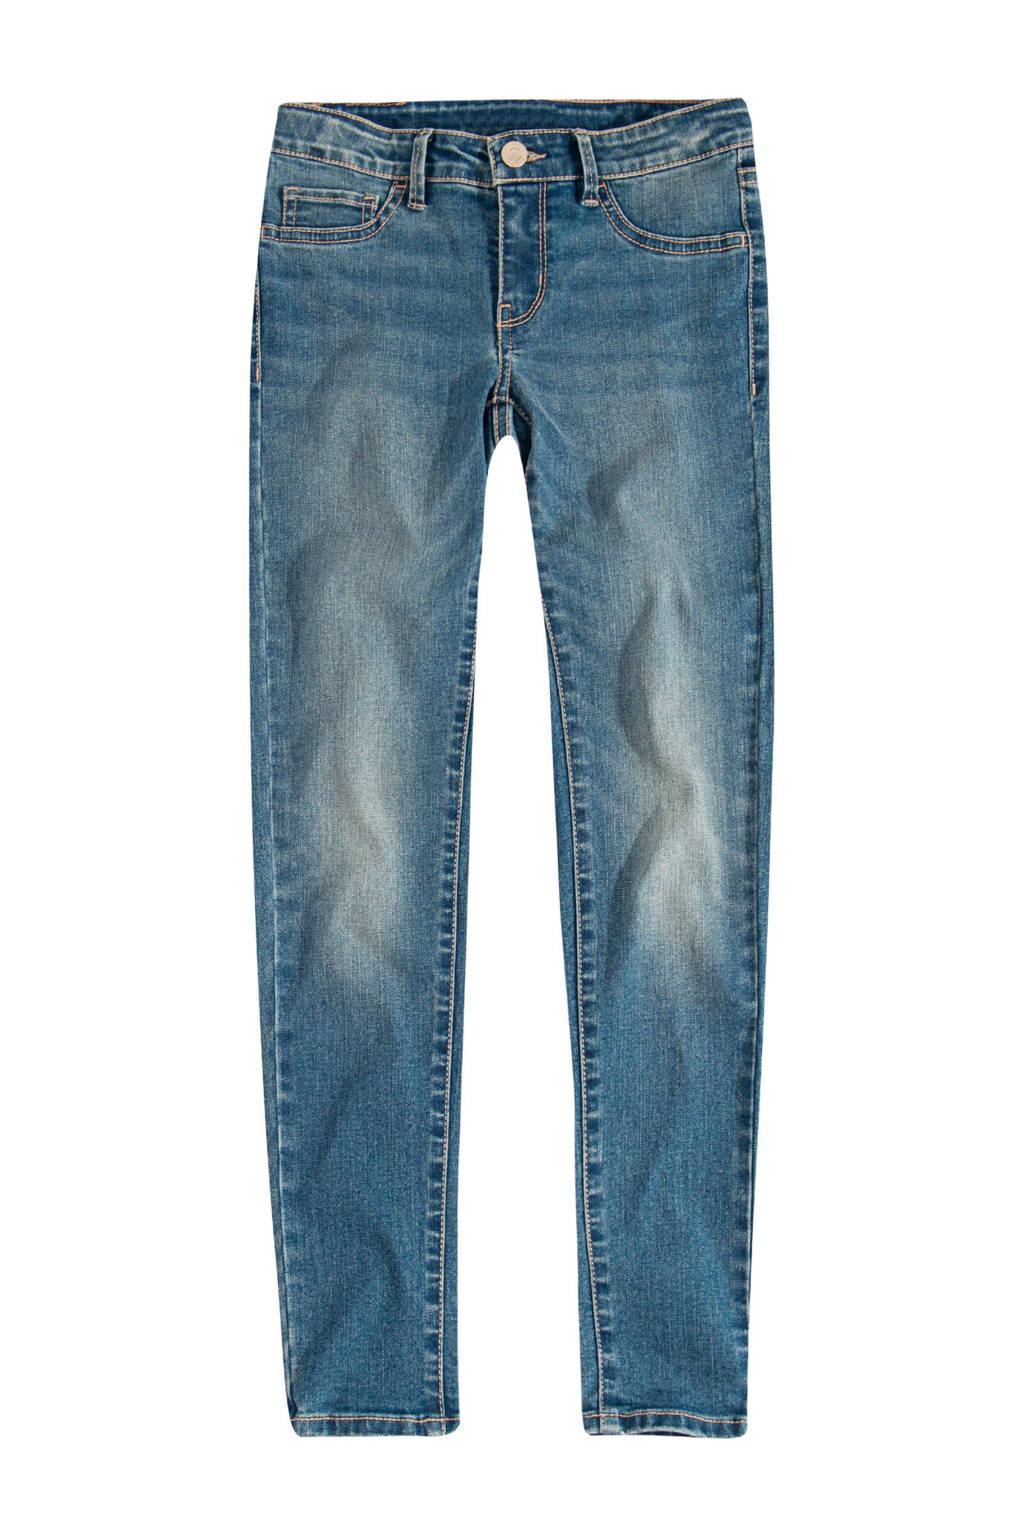 Levi's Kids 710 skinny jeans light denim vintage, Light denim vintage